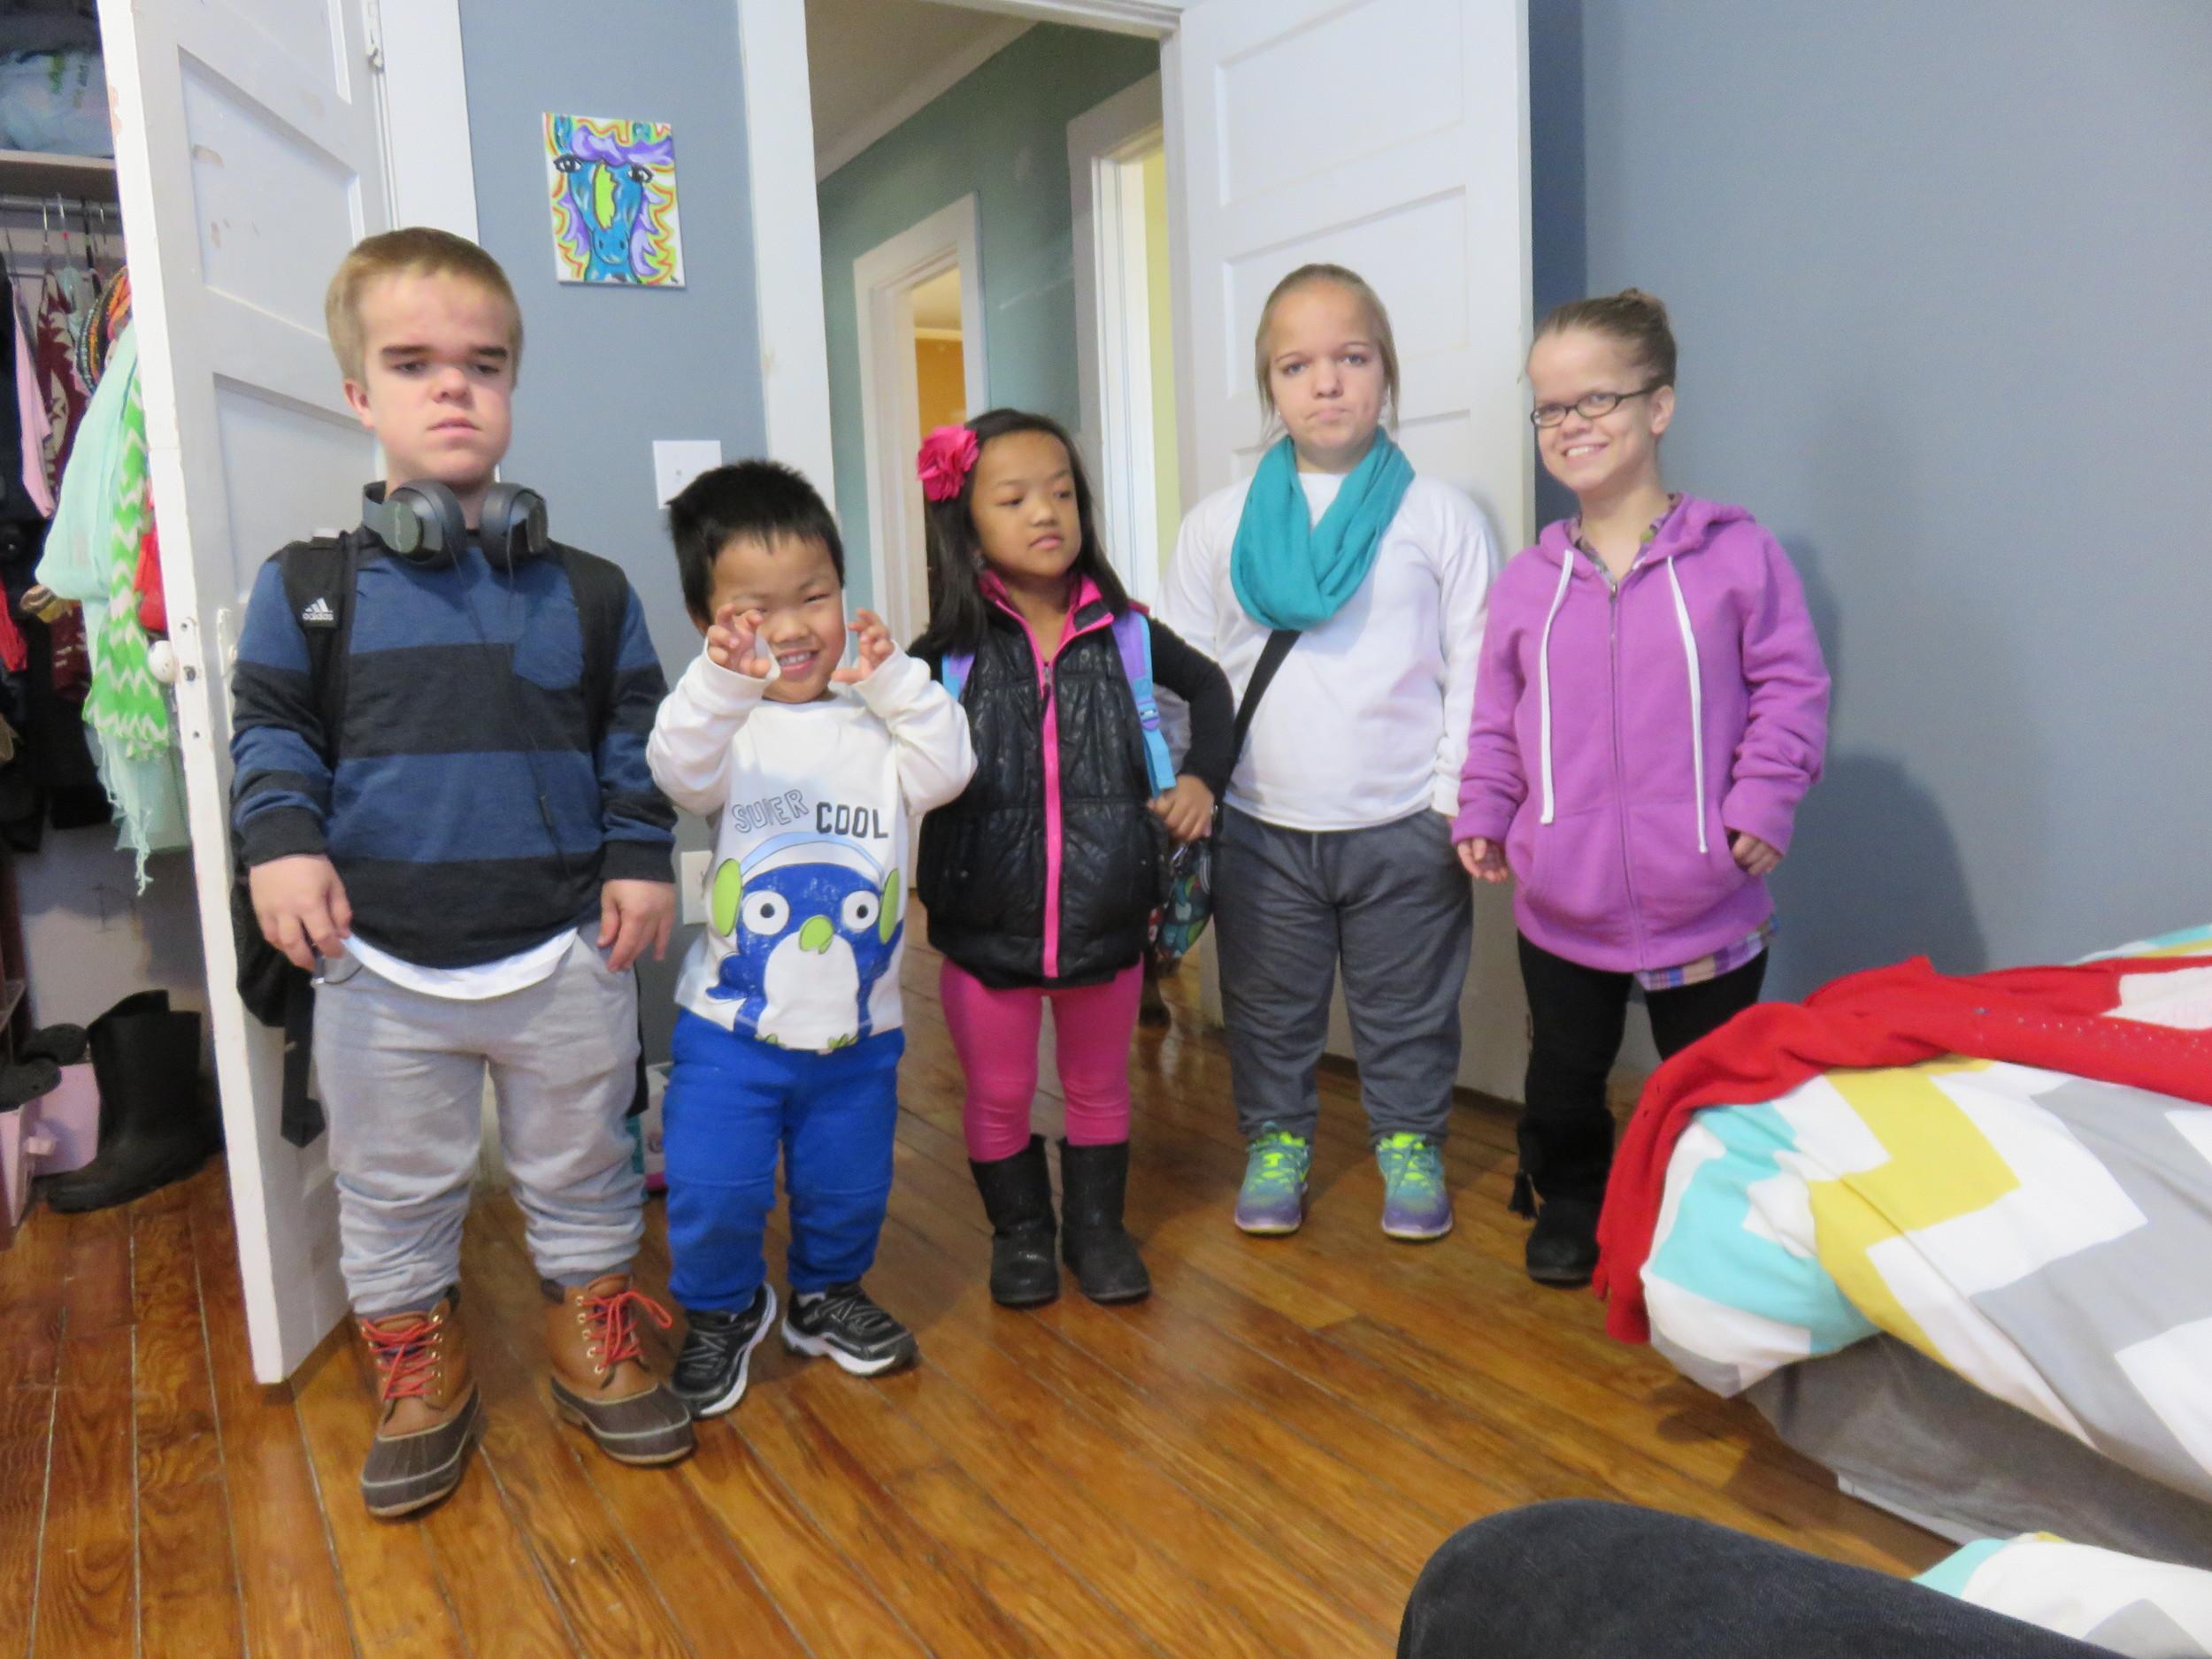 The kidsbefore their ski trip